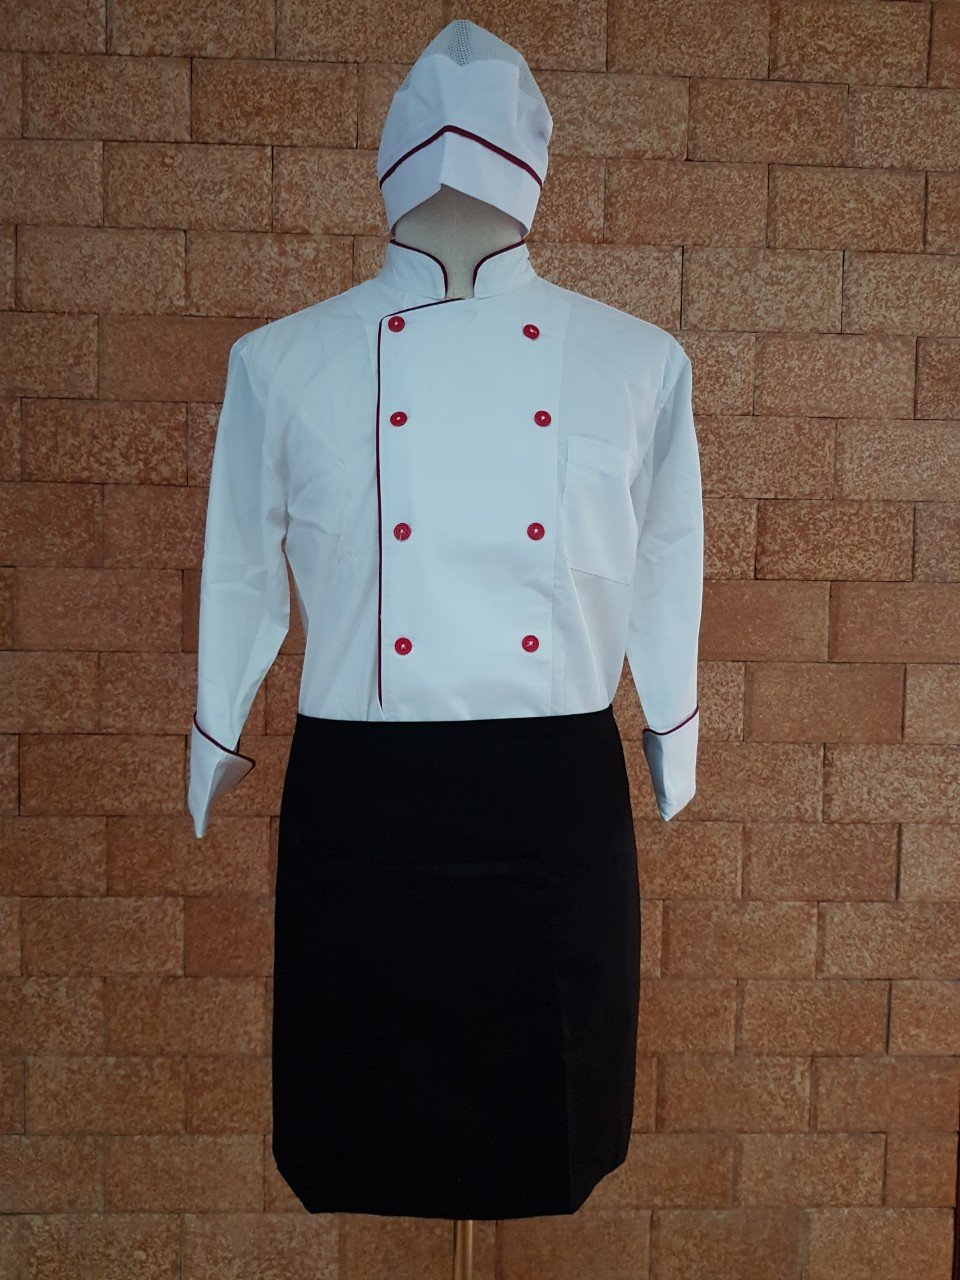 áo bếp may sẵn chỉ với giá 165 nghìn đồng